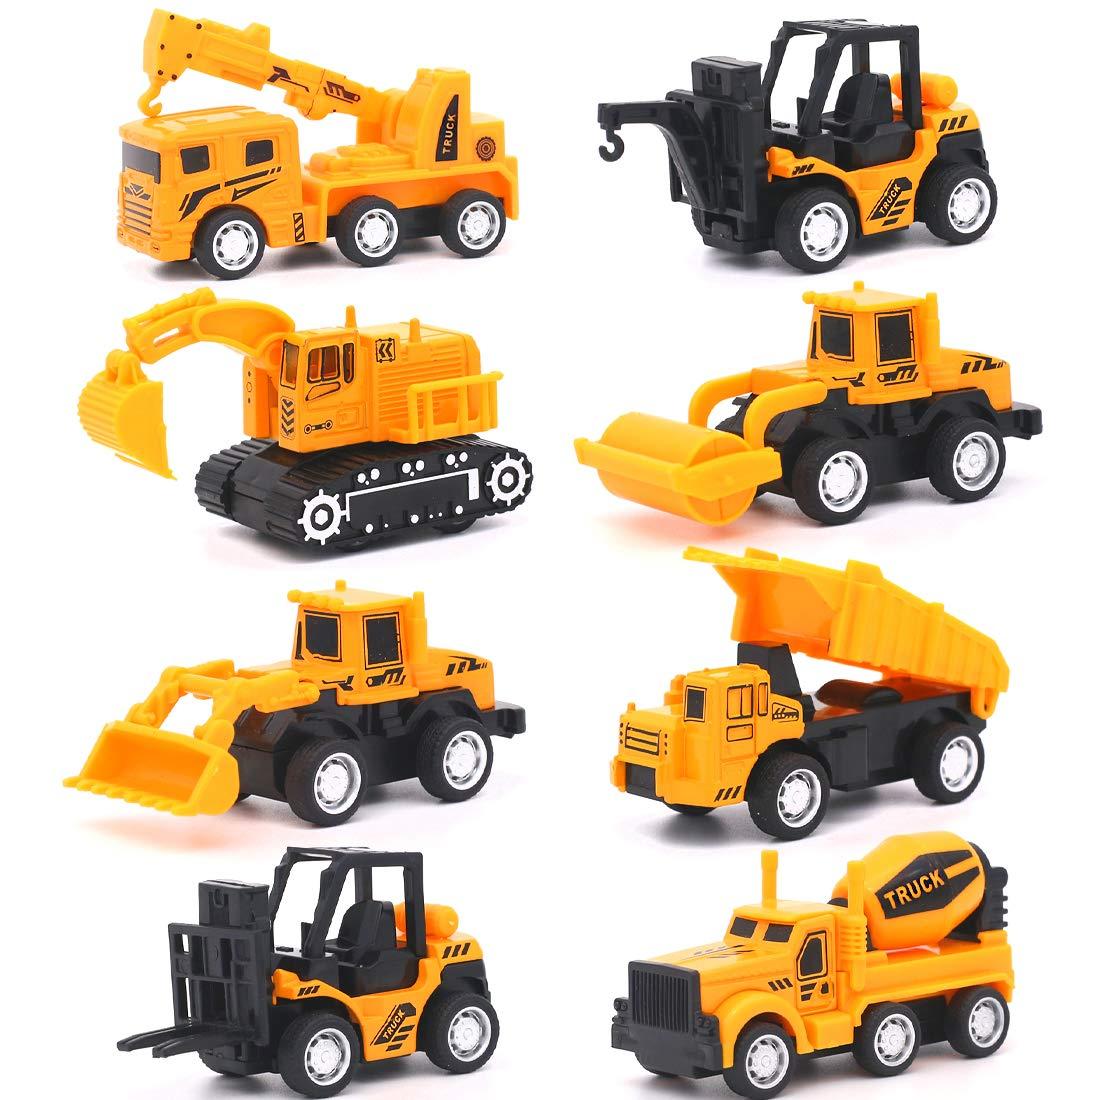 Vanplay Mini Construcci/ón de Coches de Juguete 1:55 Modelo de Coche Friction Powered Car Toys para Ni/ños 3 A/ños,Pack de 8